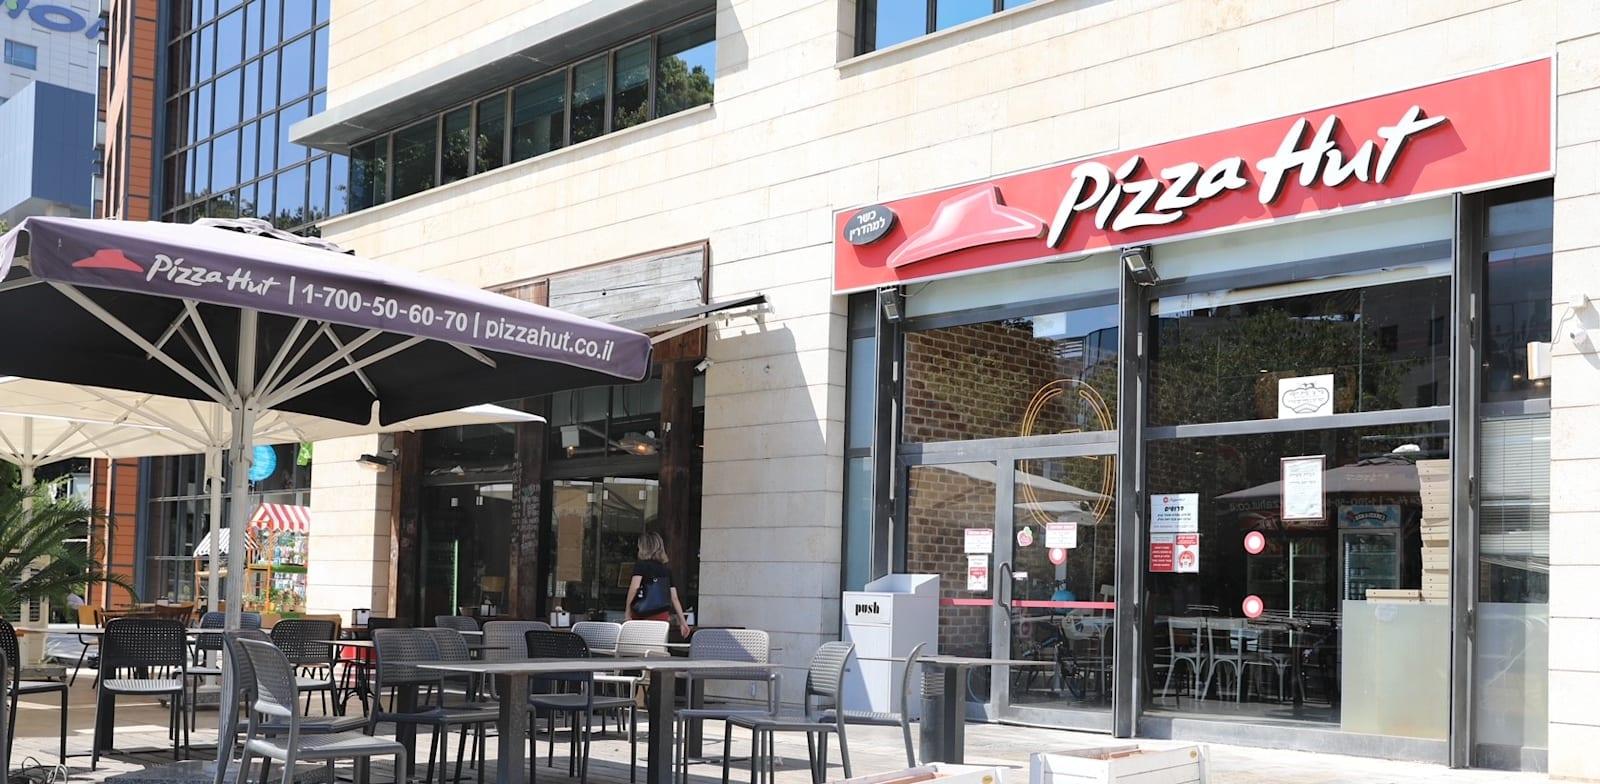 """סניף של פיצה האט. עברו לטייק אווי בלבד / צילום: יח""""צ"""